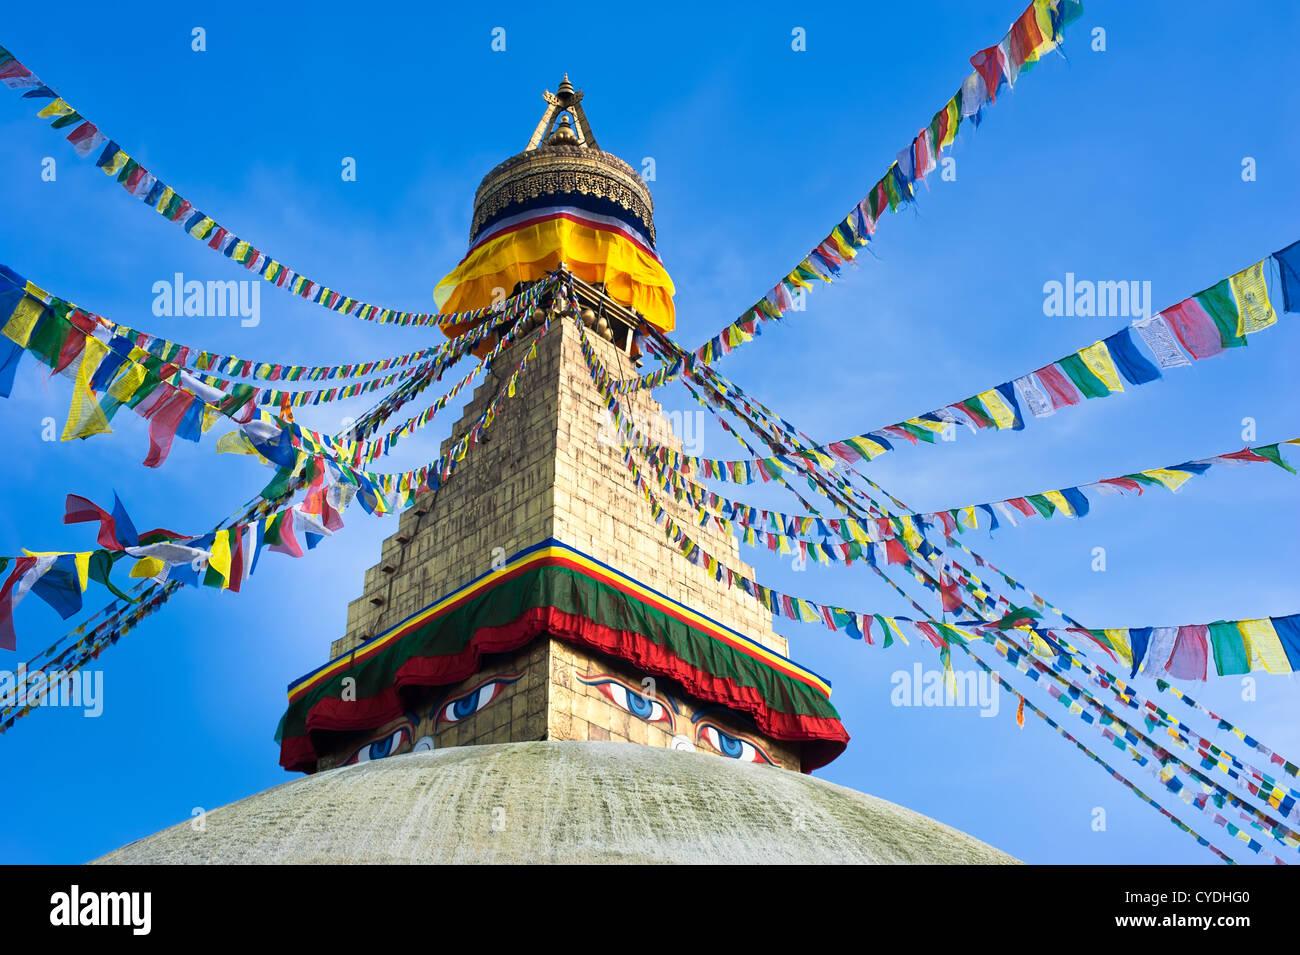 Sanctuaire bouddhiste Boudhanath Stupa avec prier flags en ciel bleu. Népal, Katmandou Photo Stock